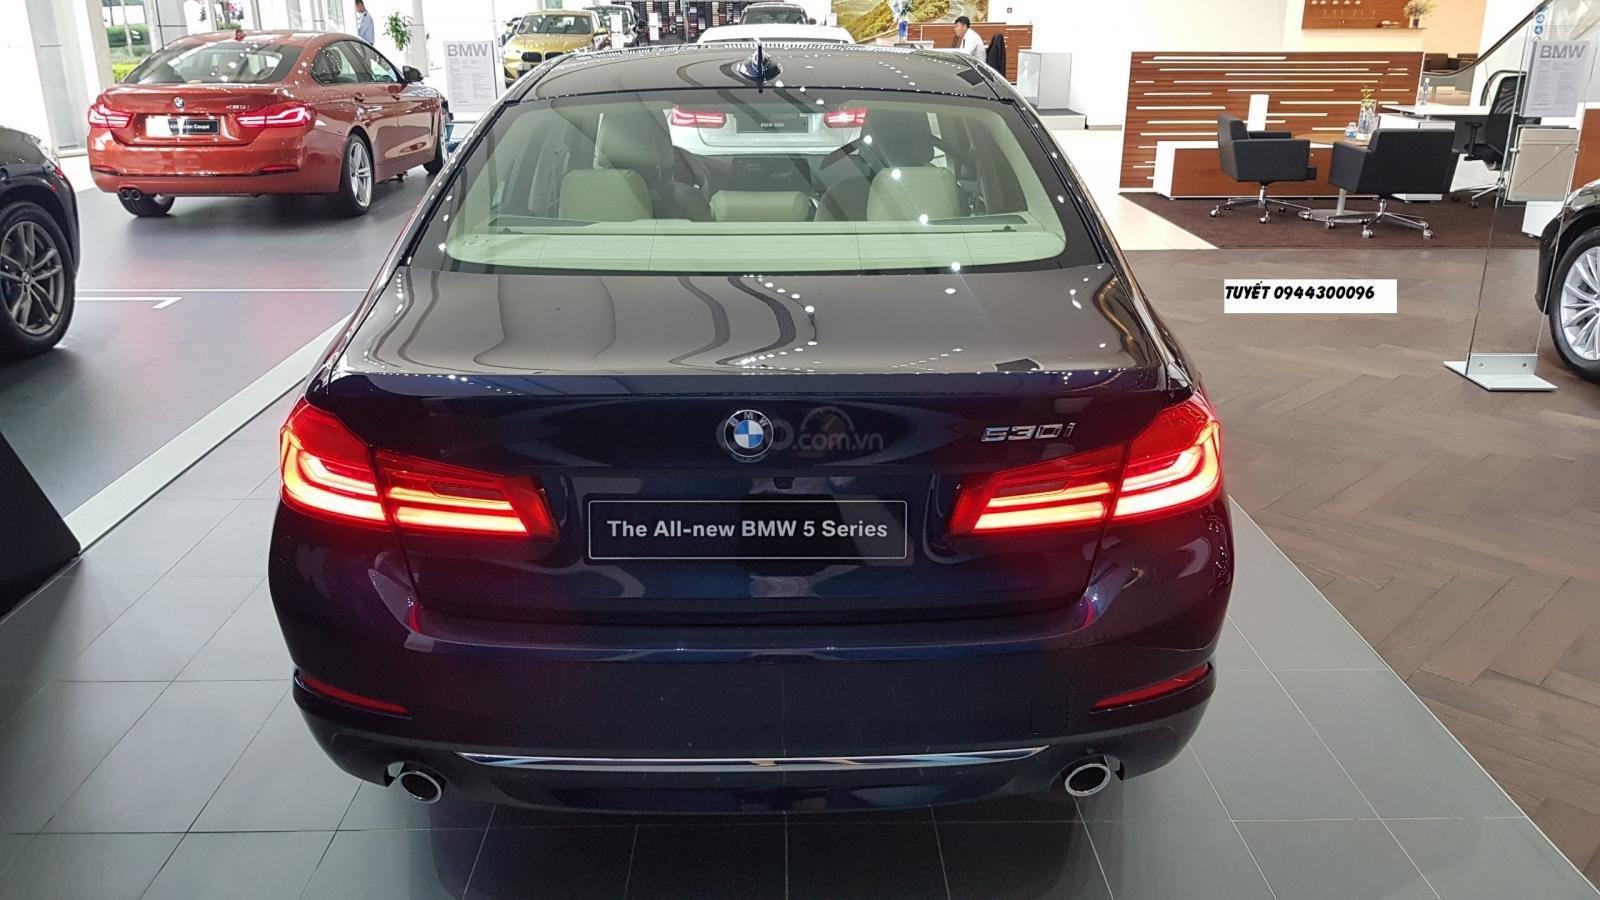 Bán BMW 530i, giảm giá 100tr, tặng BHVC, thủ tục nhanh gọn, giao xe tận nhà (3)